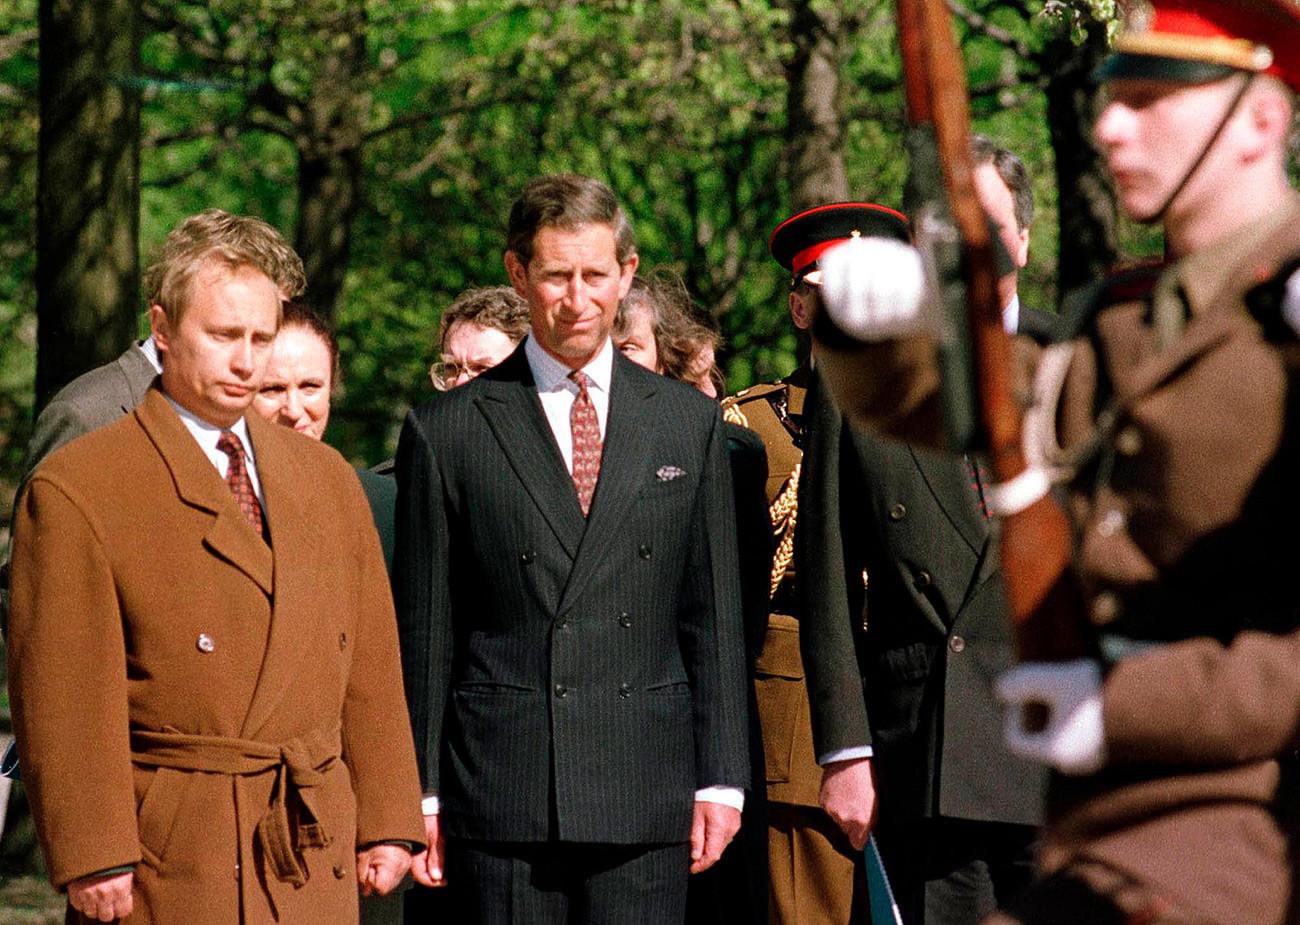 Wakil untuk Urusan Luar Negeri Walikota Sankt Peterburg Vladimir Putin dan Pangeran Charles menghadiri upacara peletakan karangan bunga dengan Pangeran Charles di Pemakaman Piskarevskoe di Sankt Peterburg, 17 Mei 1994.